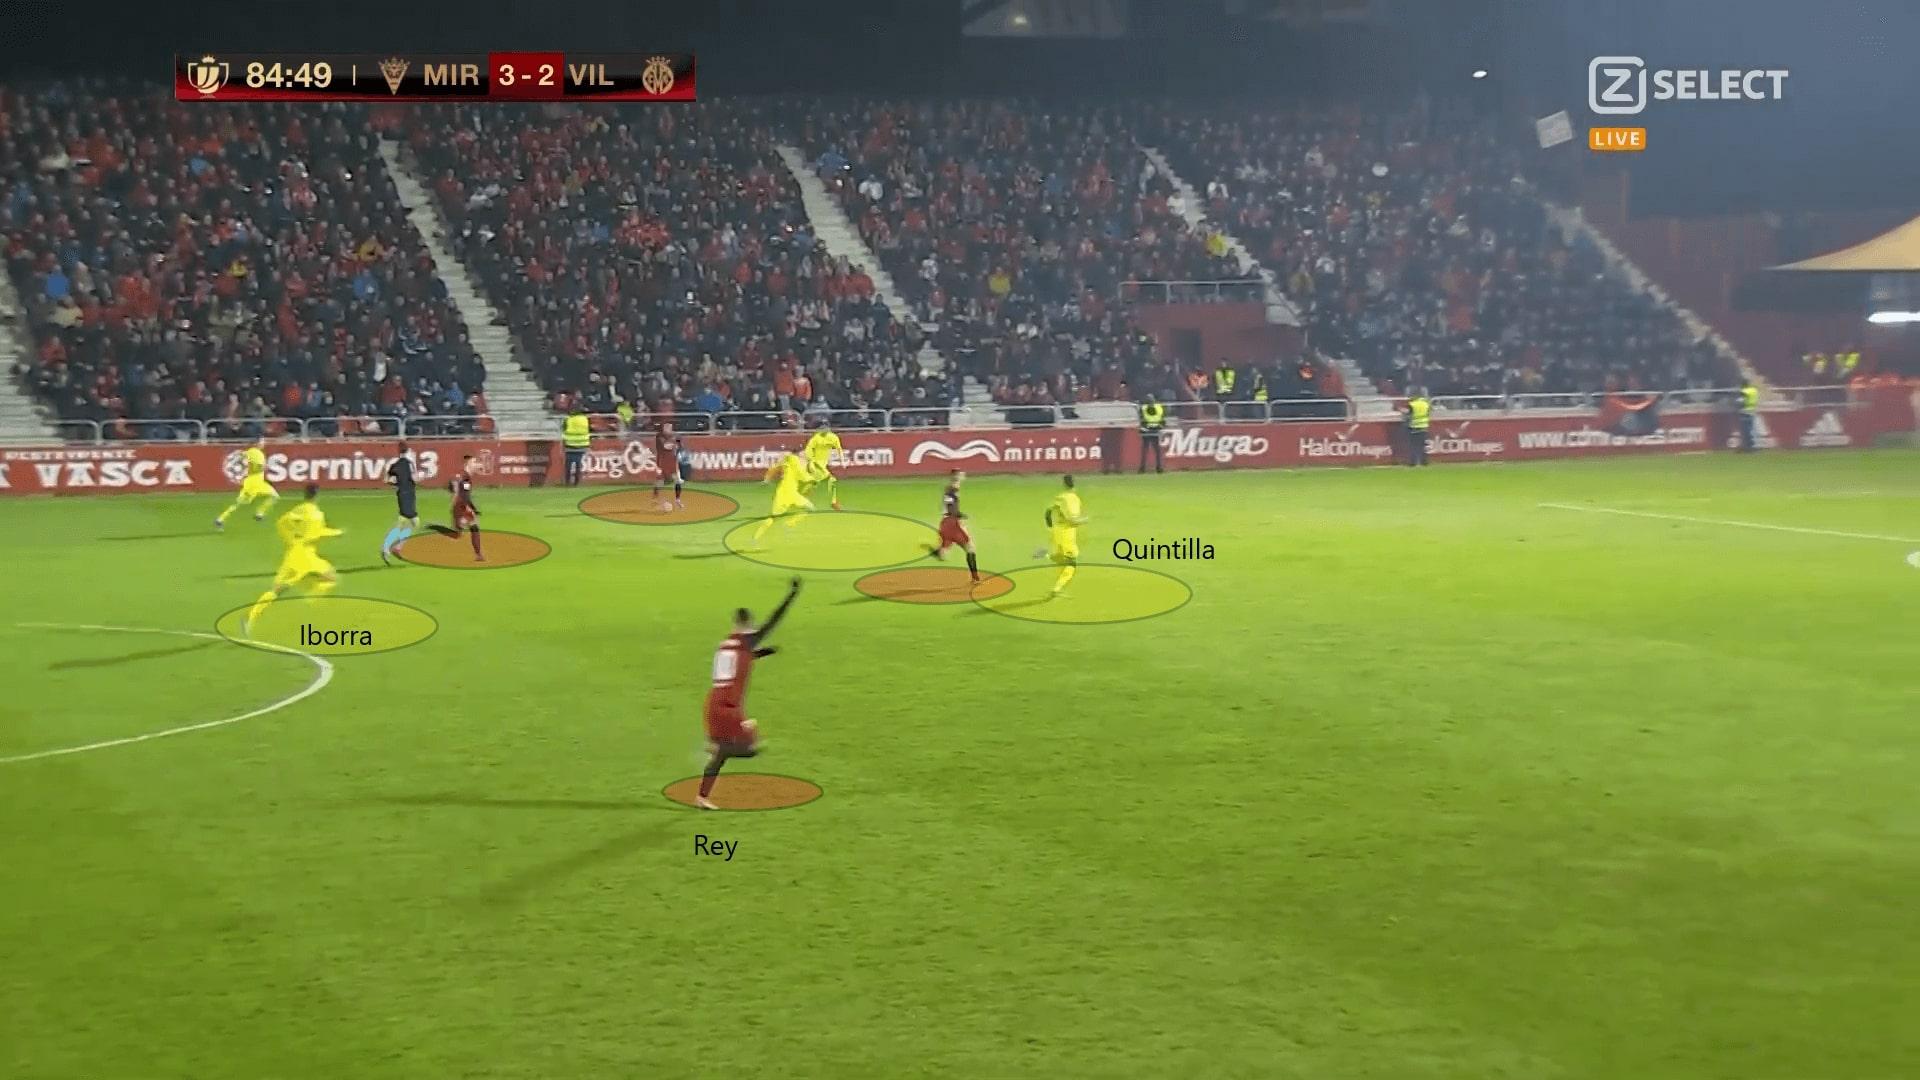 Copa del Rey 2019/20: Mirandes vs Villarreal - tactical analysis tactics